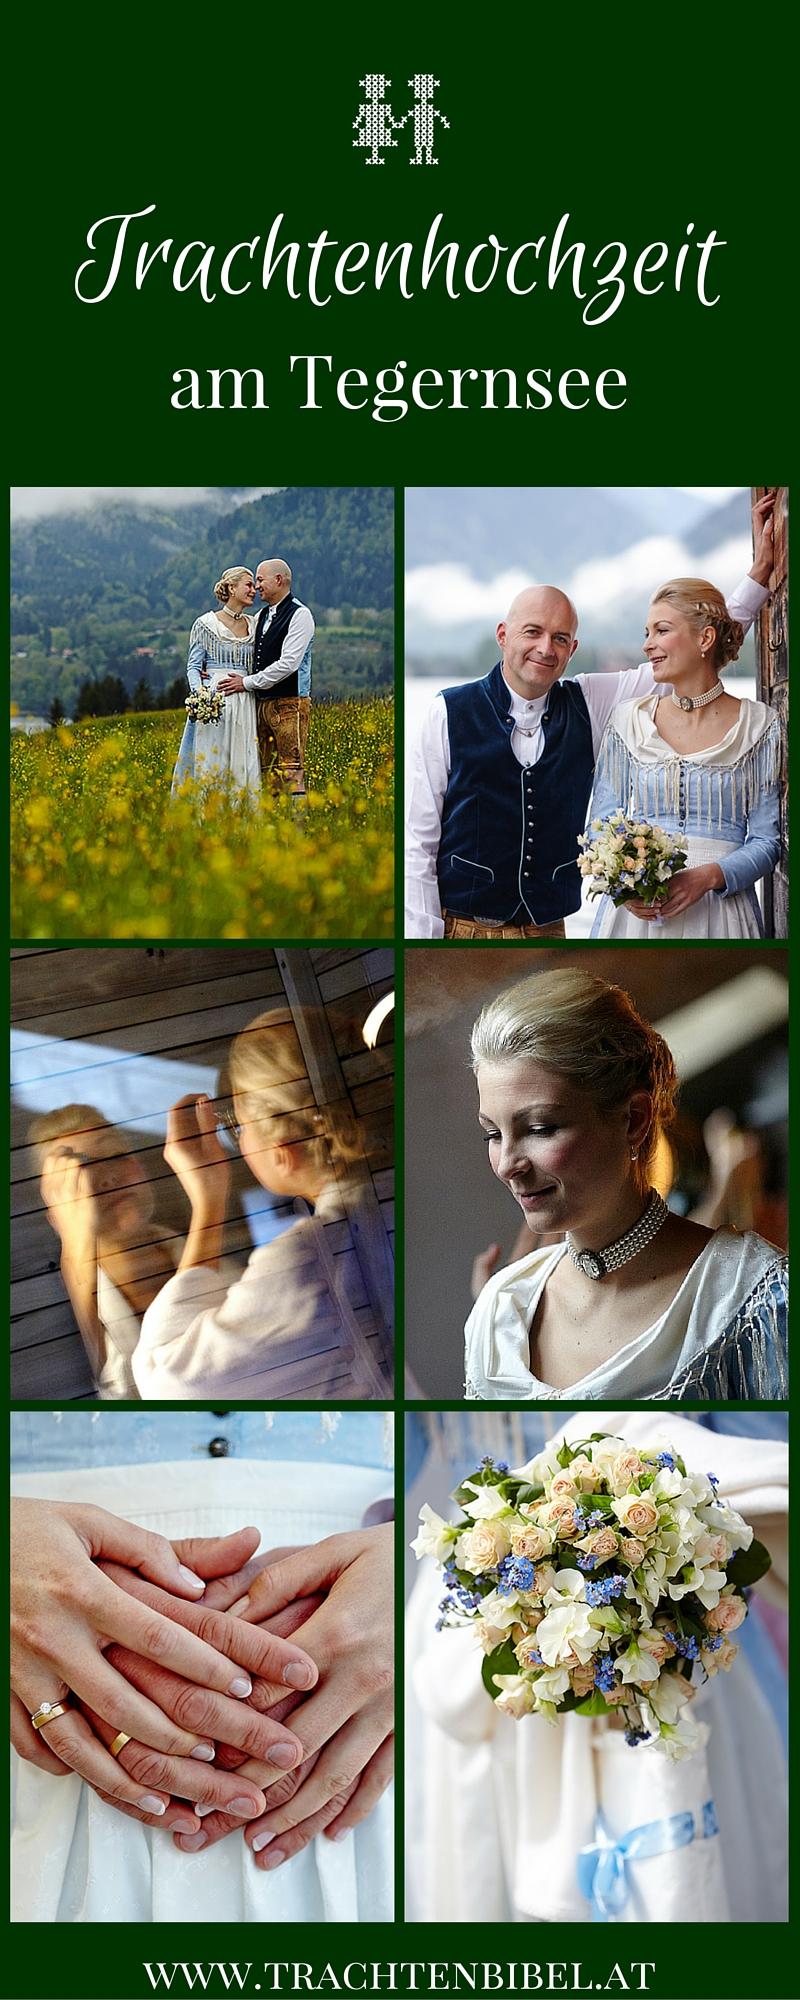 Bei dieser Trachtenhochzeit am Tegernsee kam ein 30 Jahre altes Brautdirndl zu neuen Ehren. Sehen Sie hier die wundervollen Bilder.